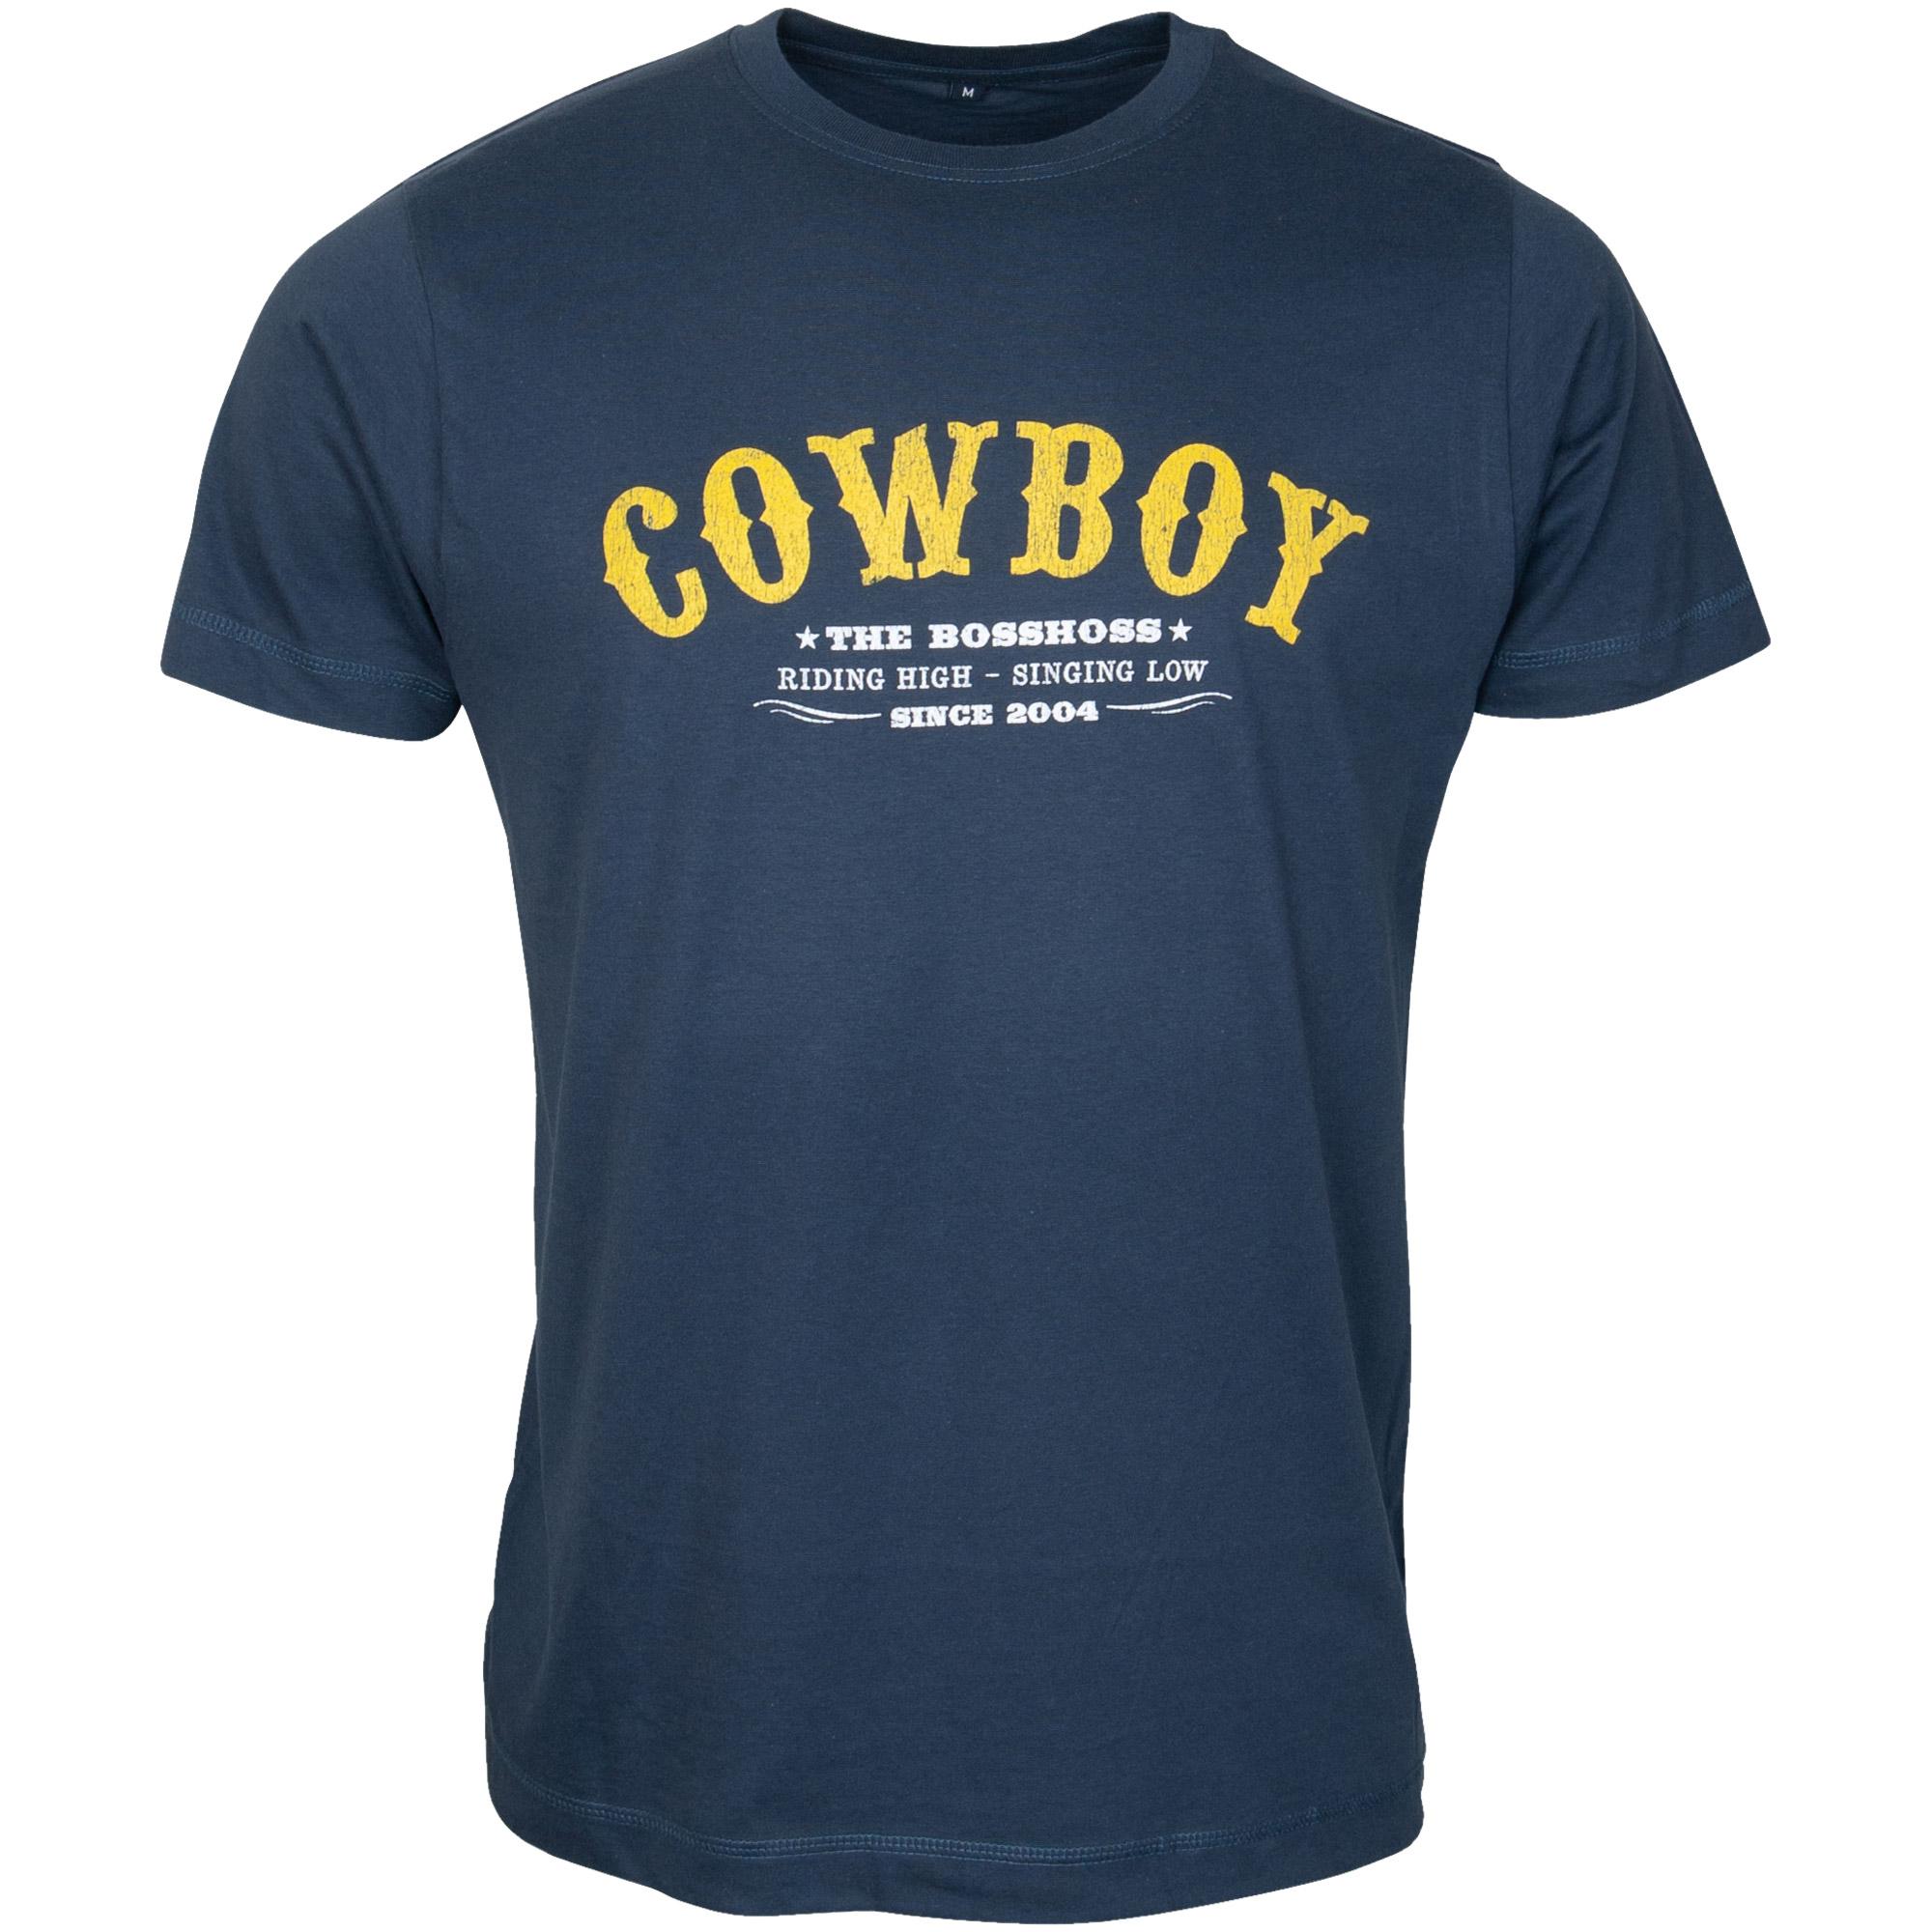 The Bosshoss - T-Shirt Vintage Cowboy - blau